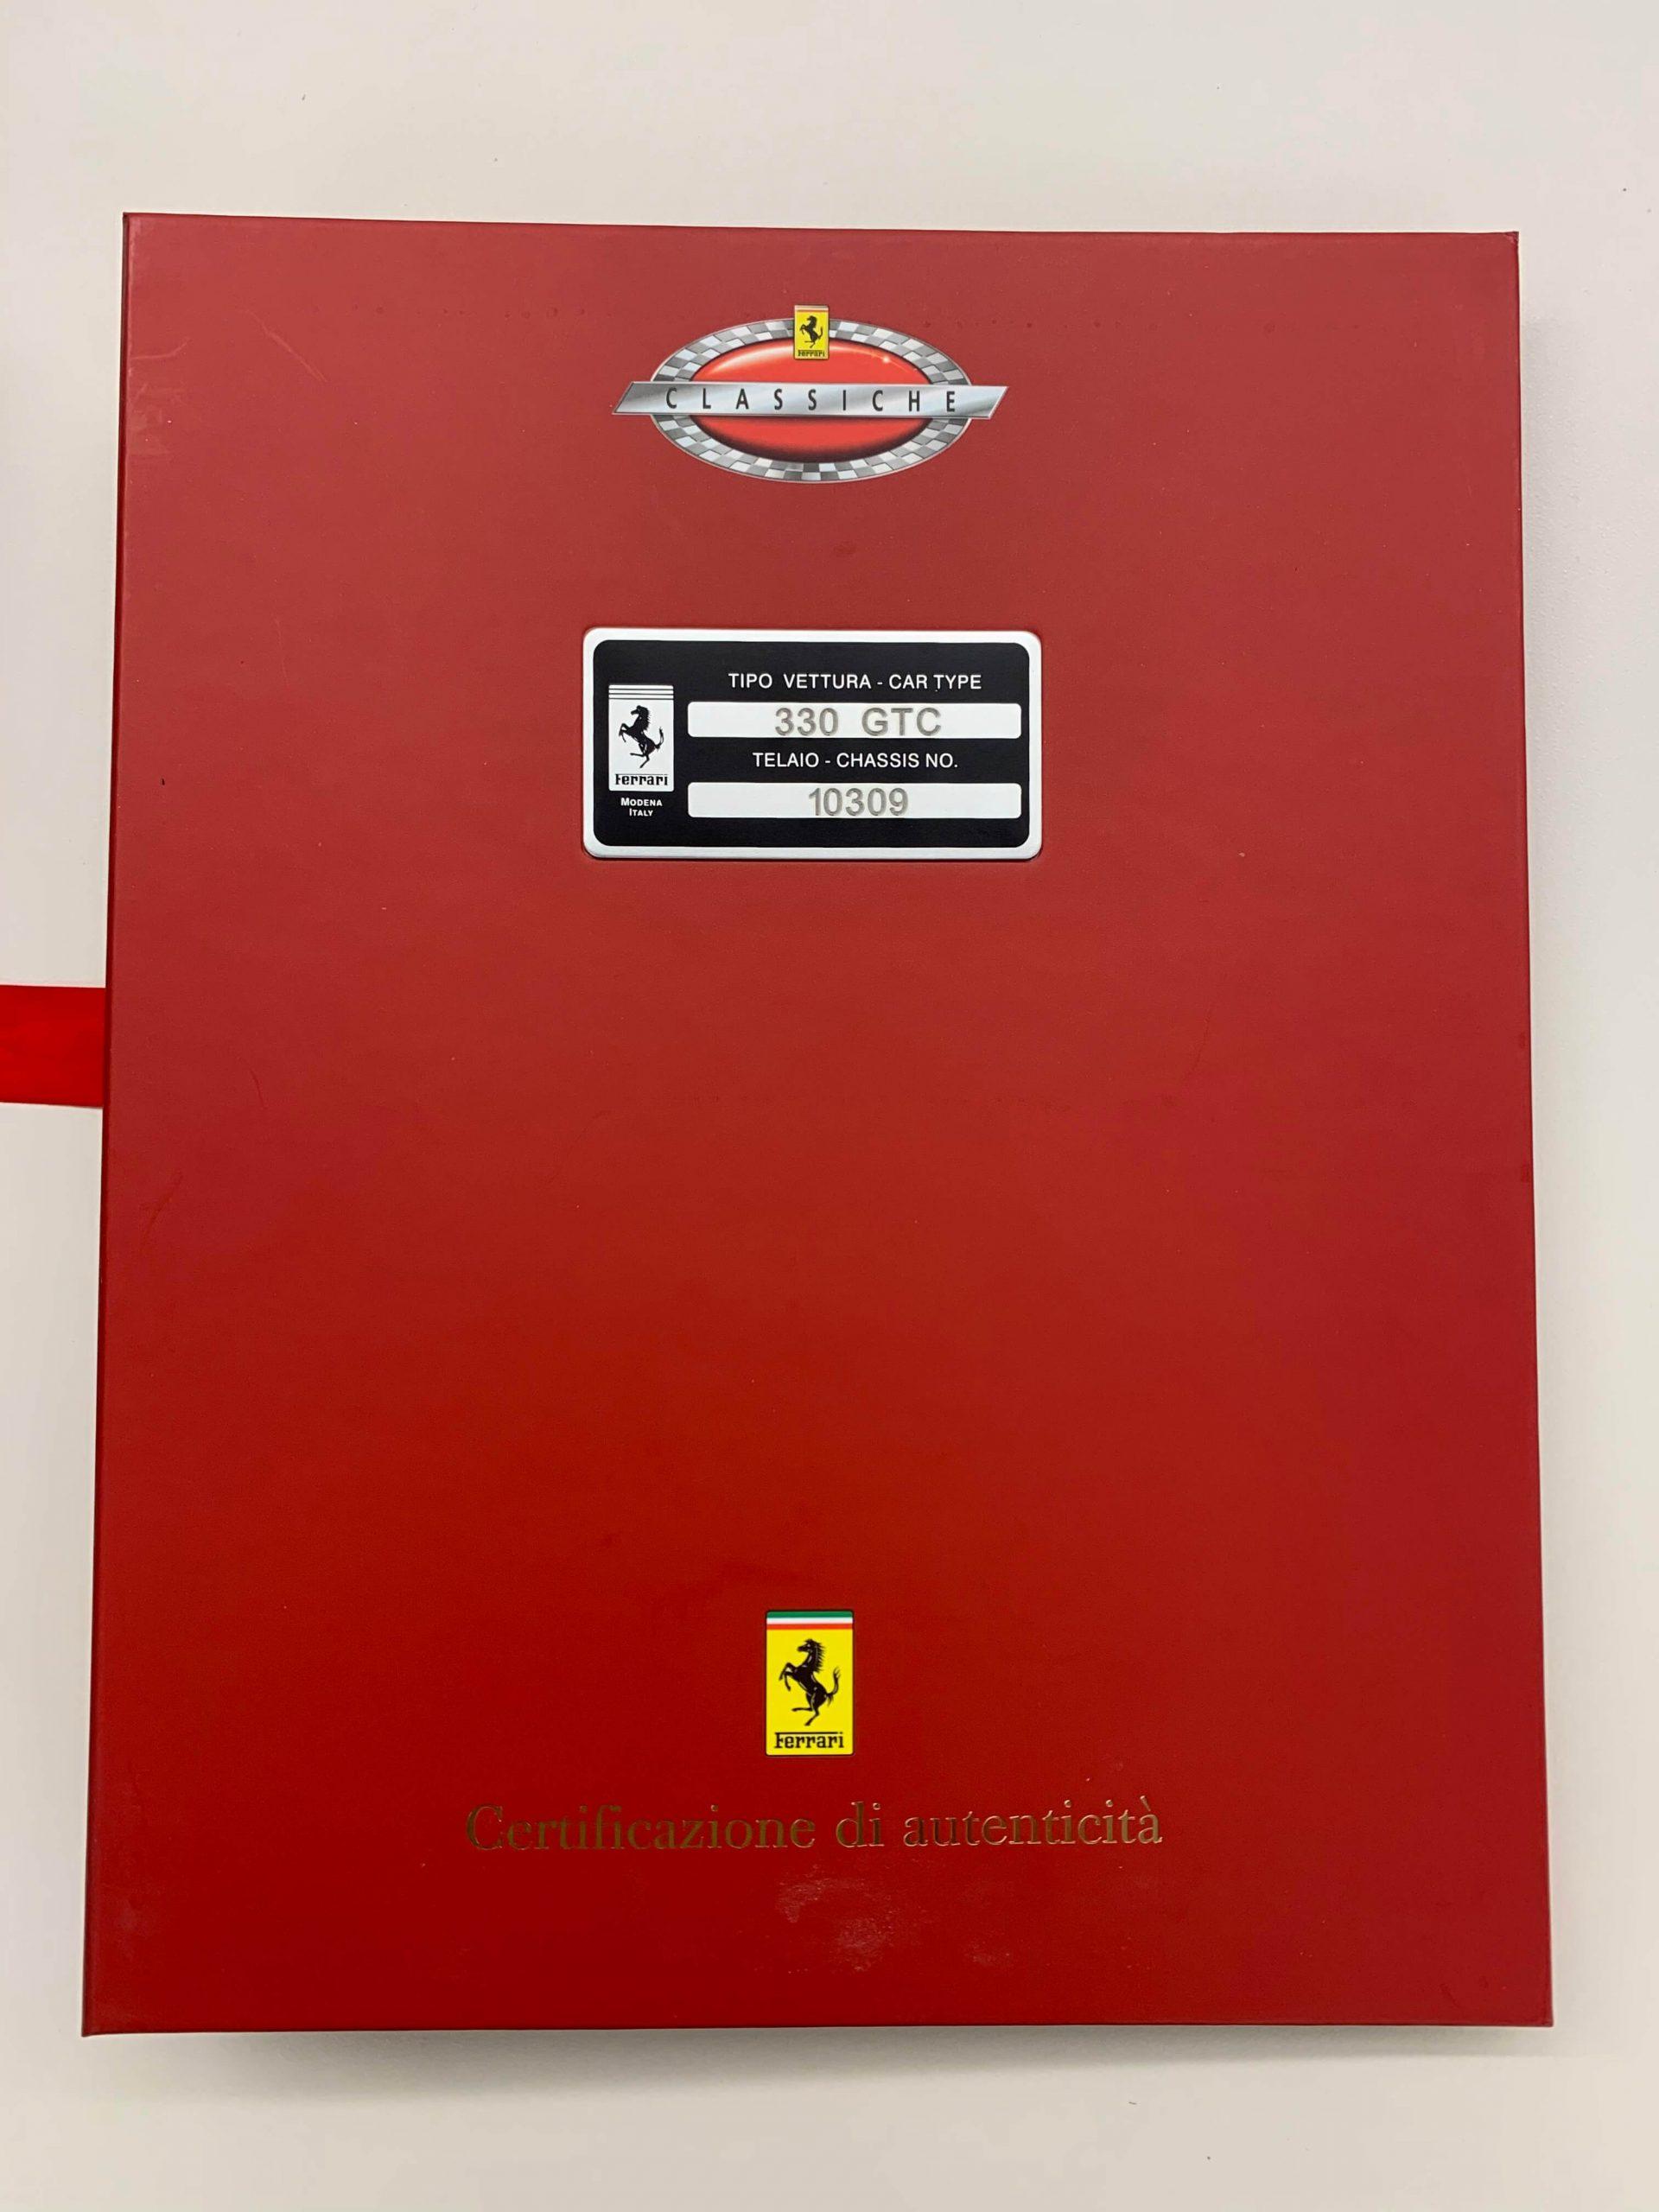 Classiche certified Ferrari 330 GTC